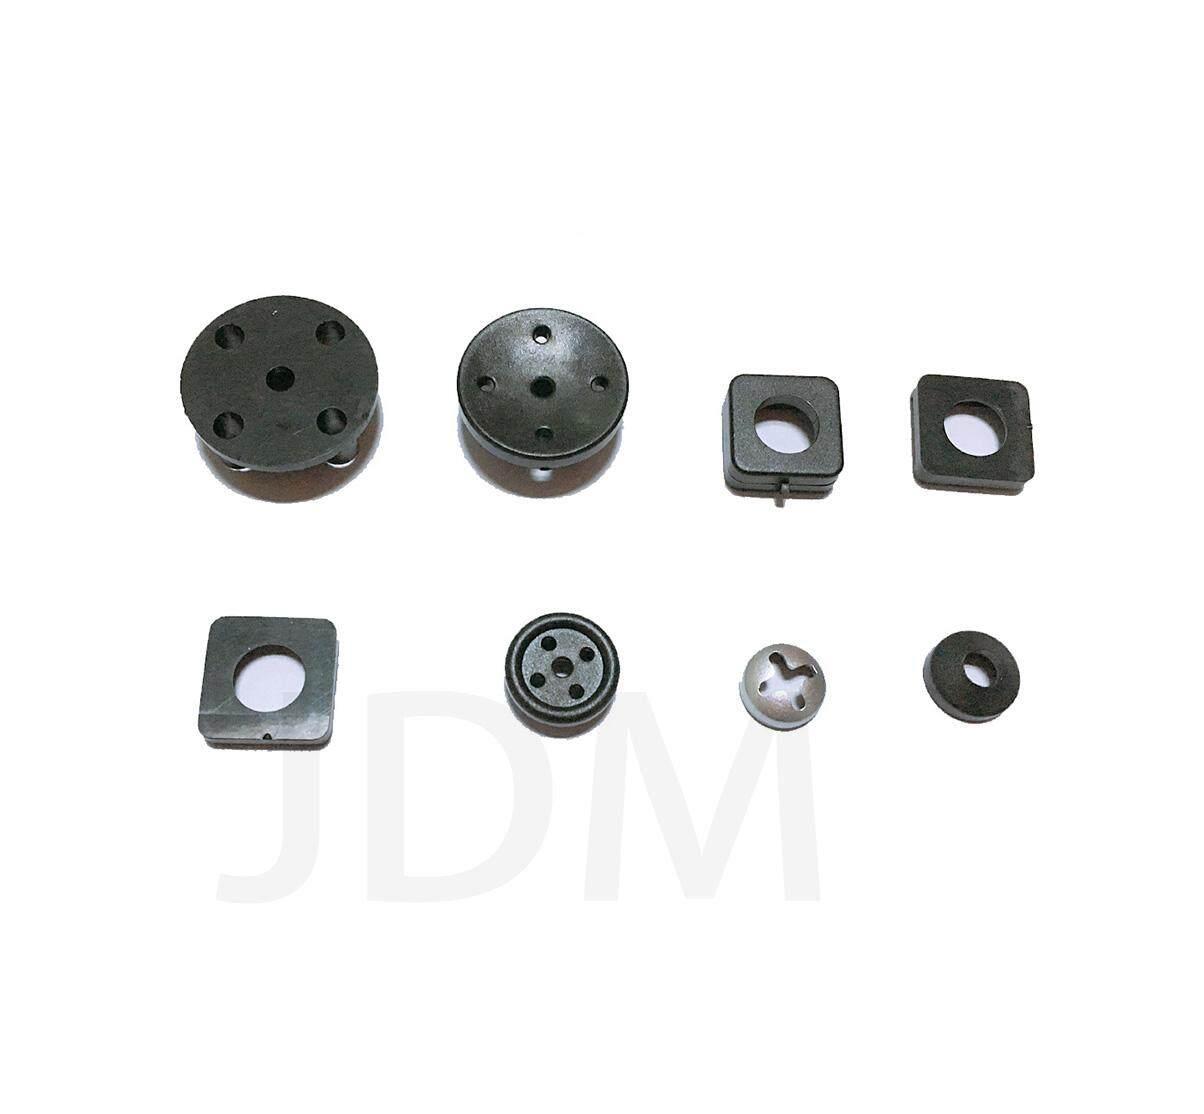 Jdm 8 ปุ่มที่แตกต่างกันสำหรับเลนส์กล้องซ่อนขนาดเล็ก (เฉพาะสำหรับเลนส์มุมแบน).